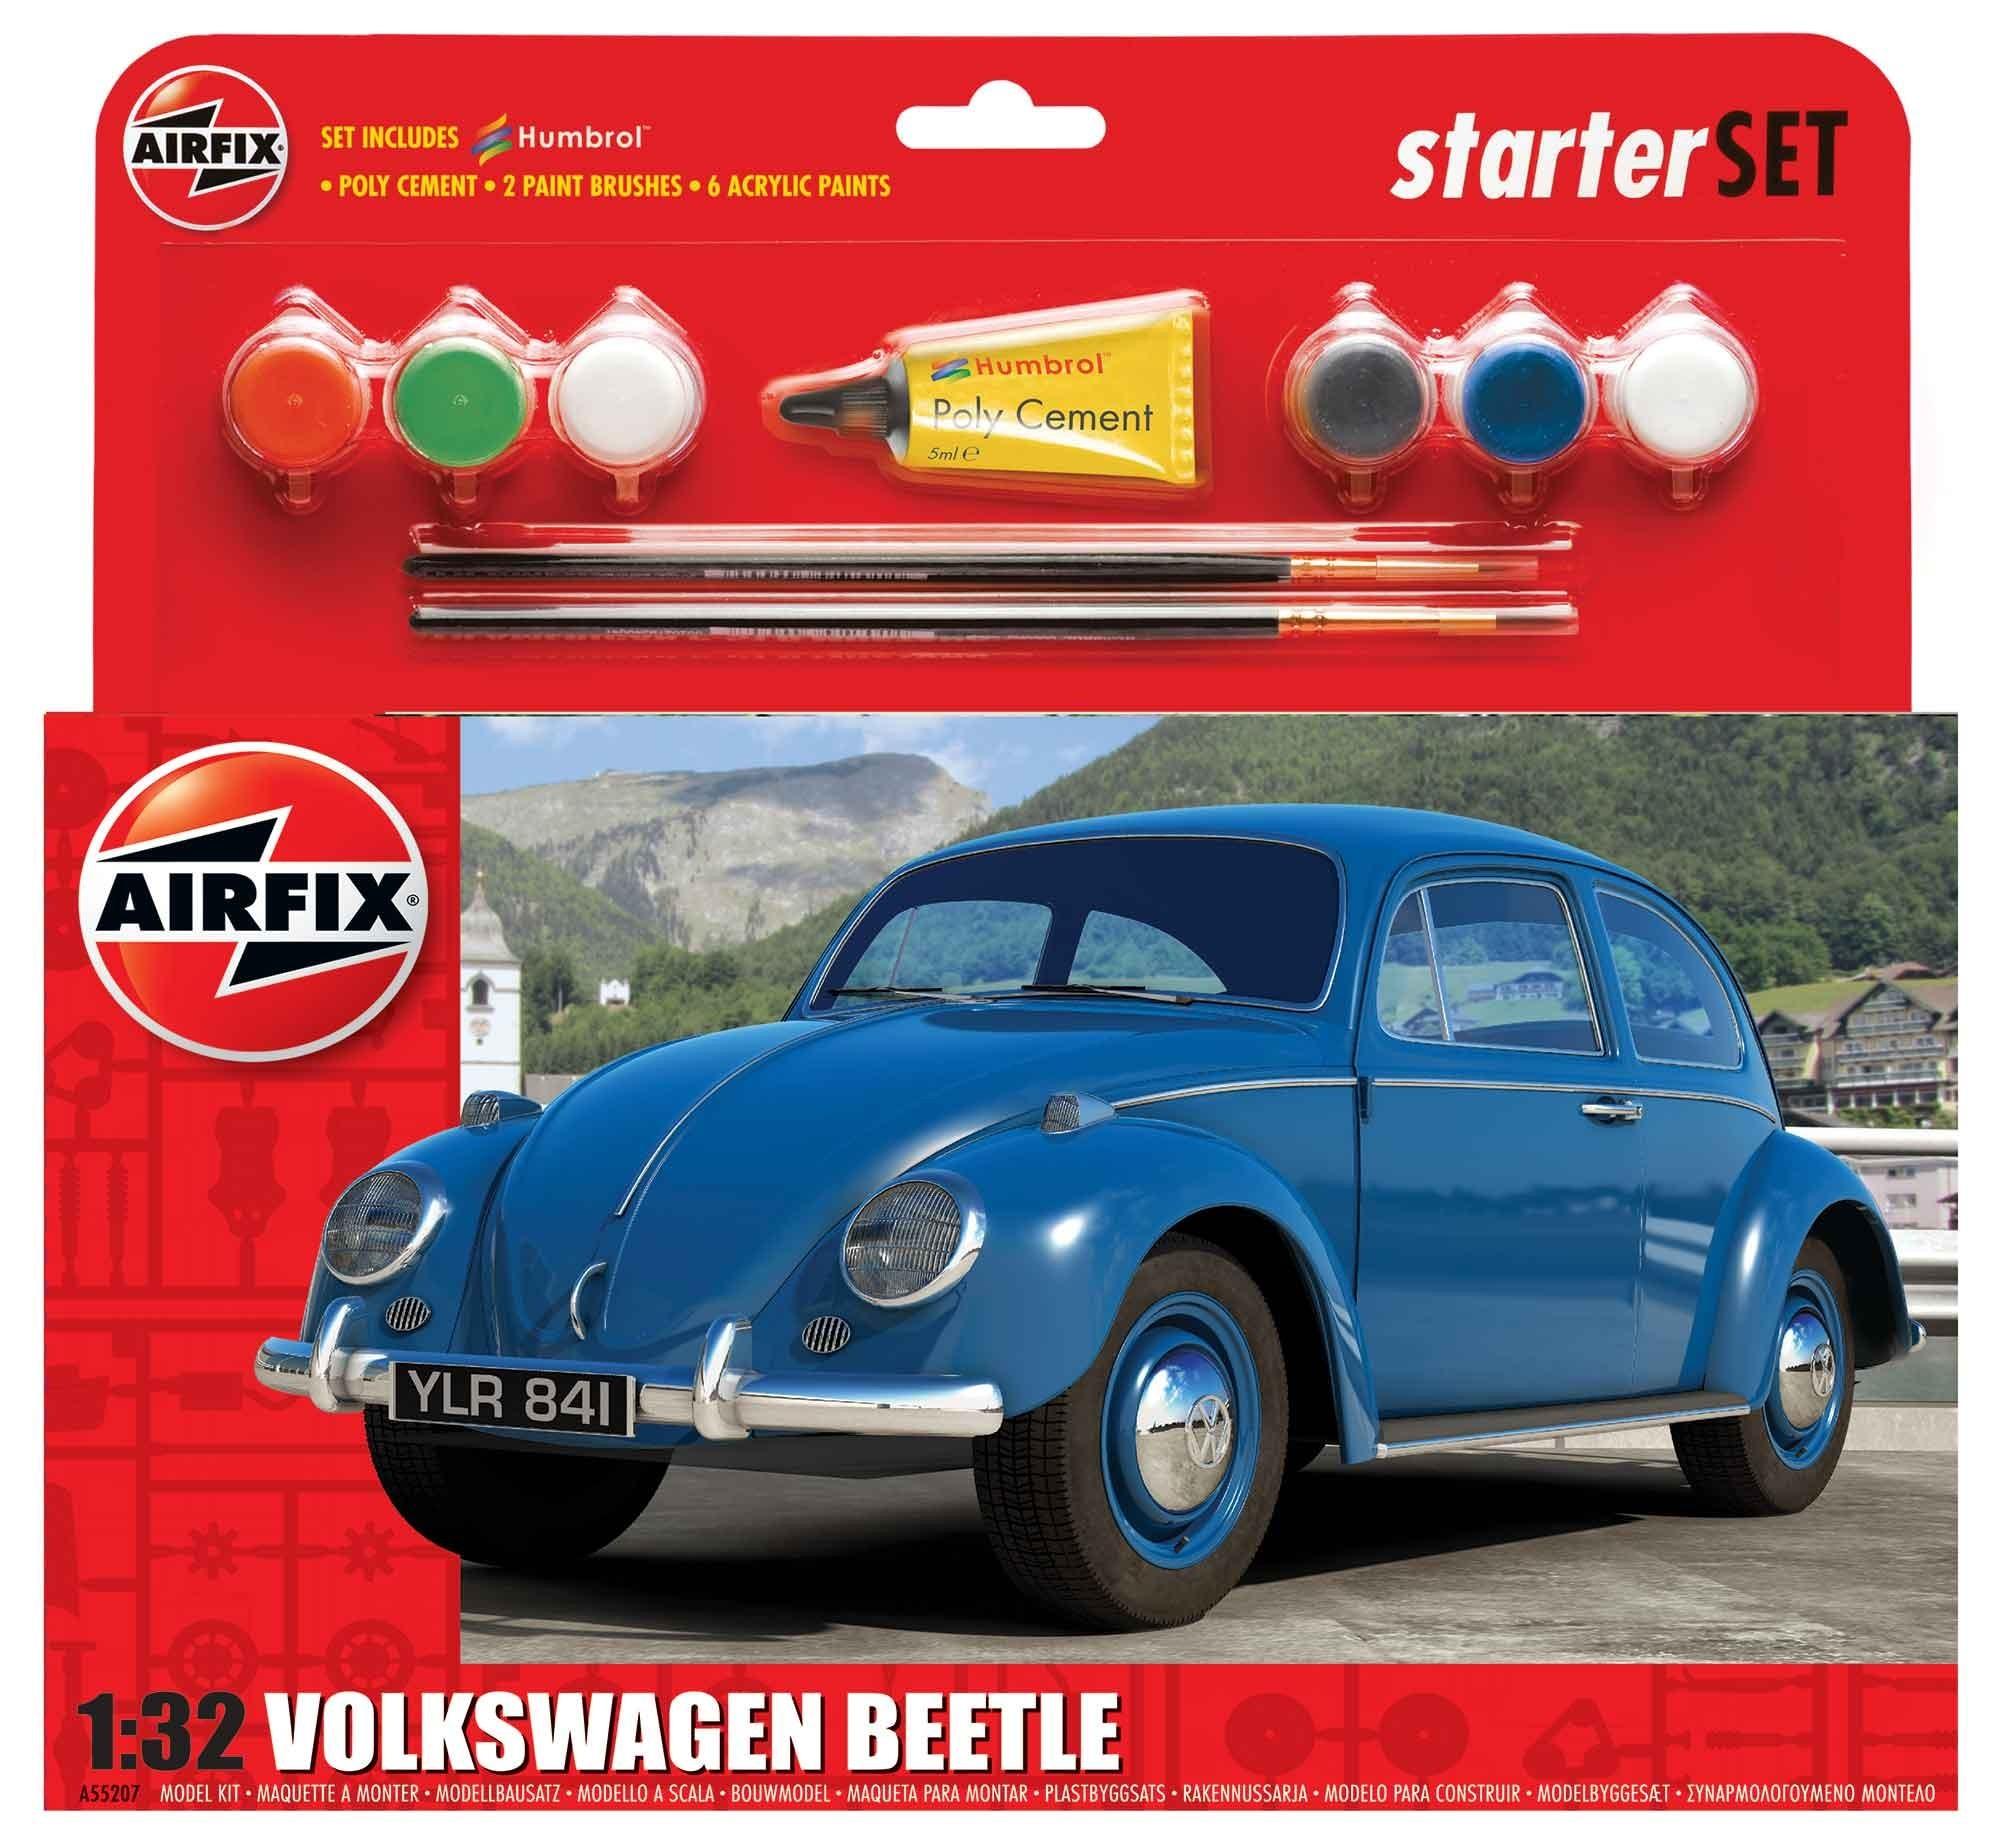 1/32 Volkswagen Beetle Starter Set Plastic Model Kit